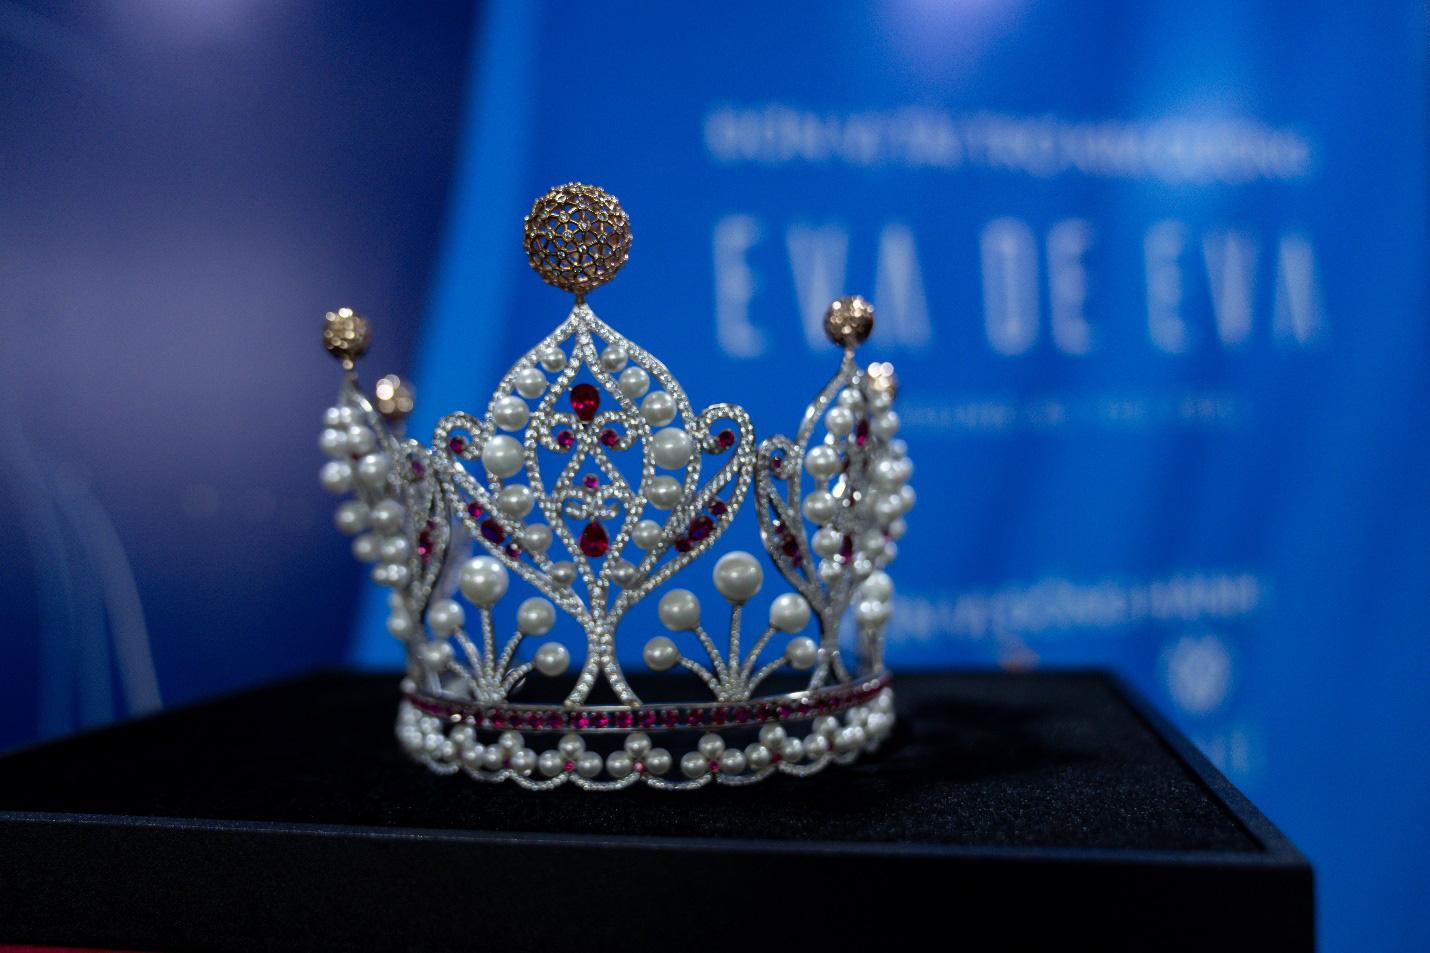 Cận cảnh vương miện Hoa khôi Sinh viên Việt Nam vừa được trao: Vàng hồng 10k và ngọc trai quý giá - Ảnh 2.